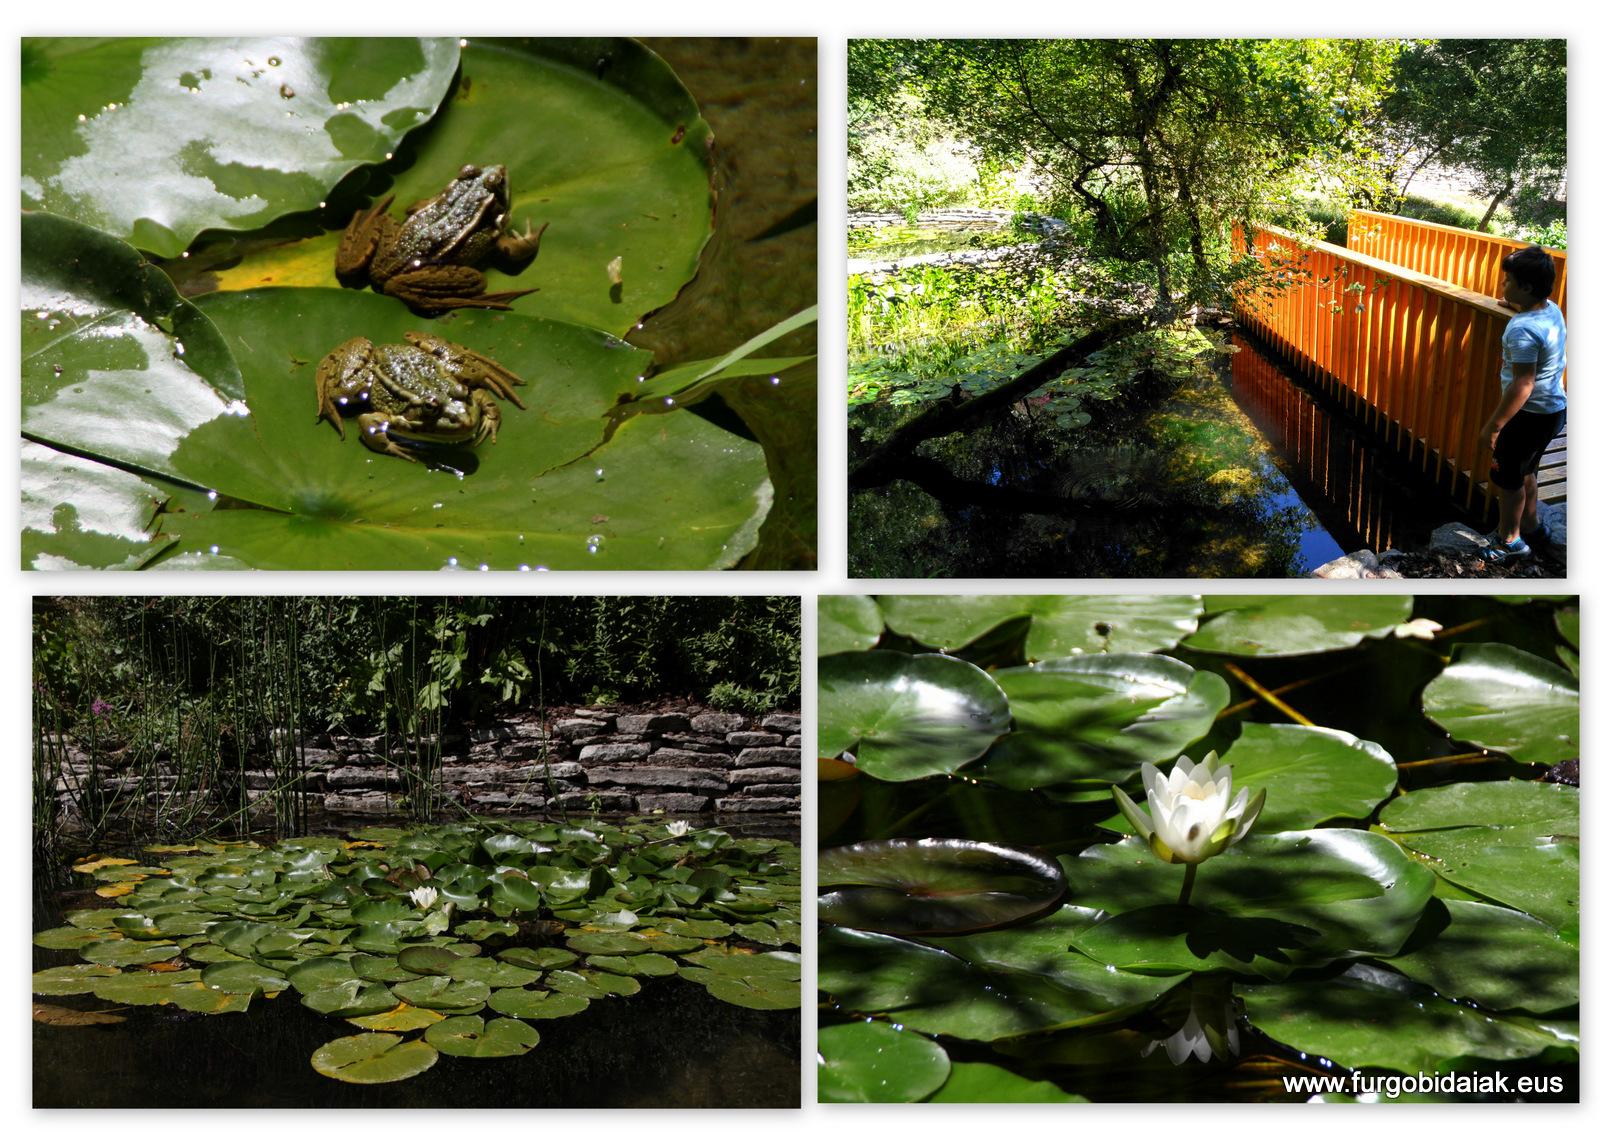 Jardín botánico Santa Catalina de Badaia, espacios húmedos